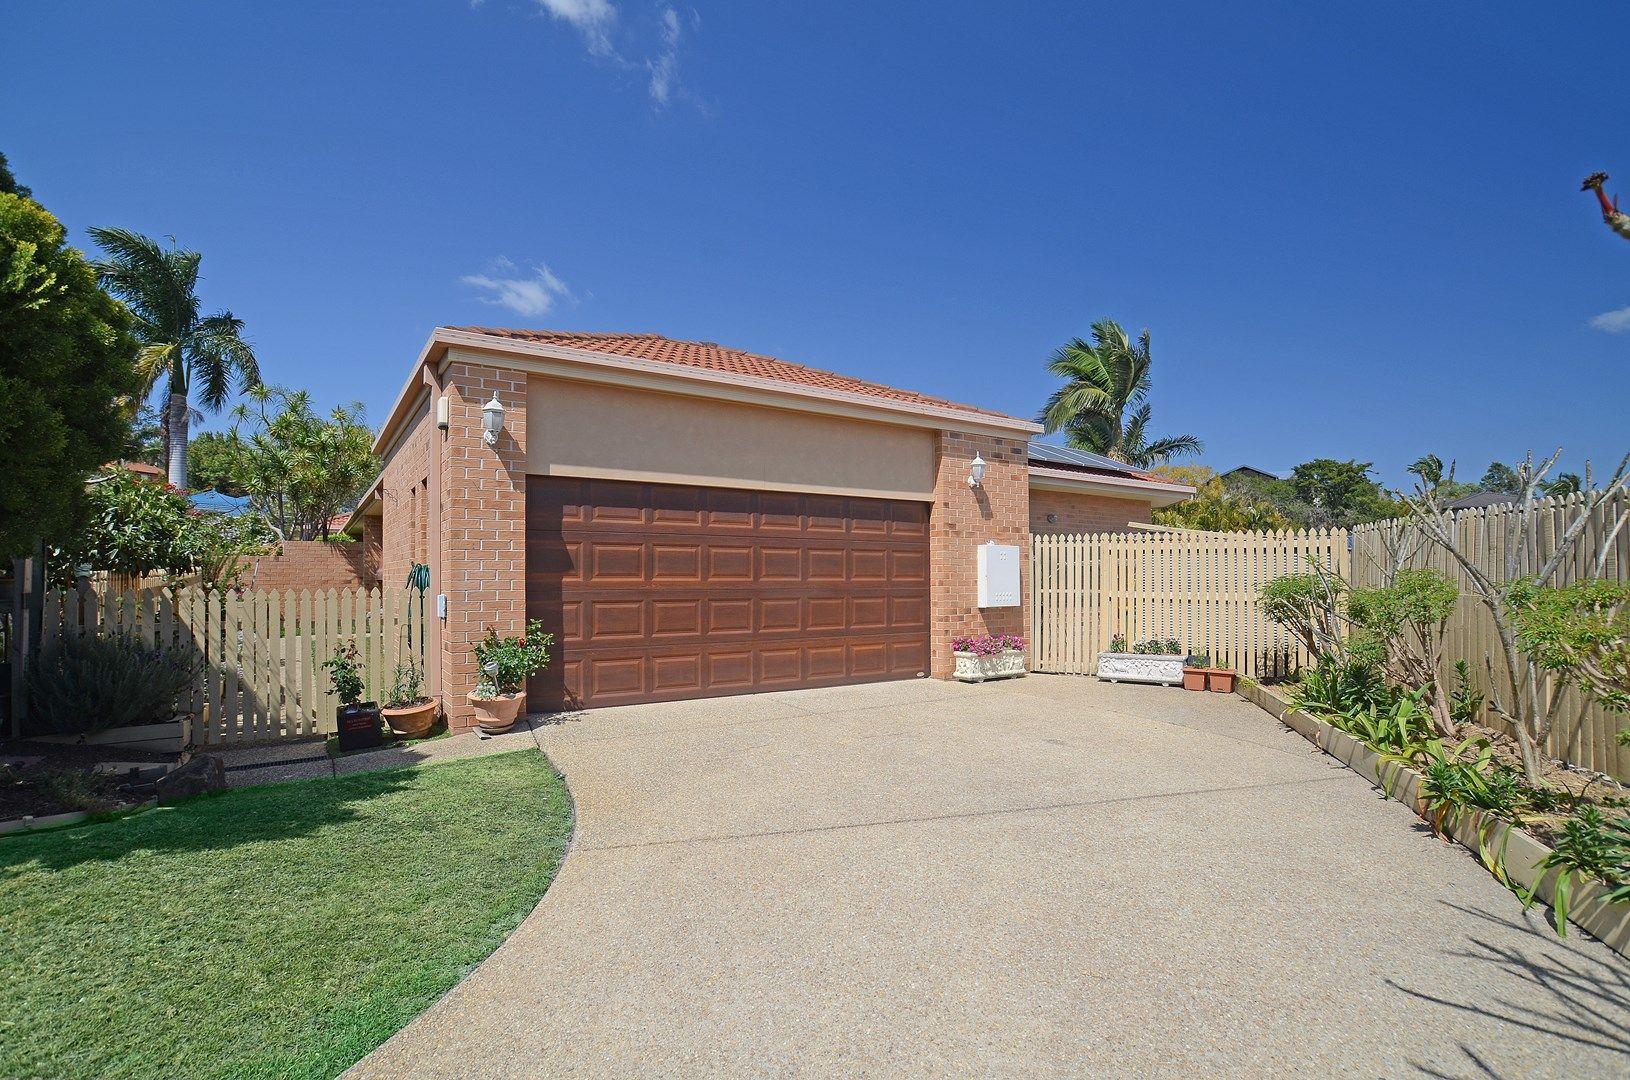 1/7 Sky Royal Terrace, Burleigh Heads QLD 4220, Image 0